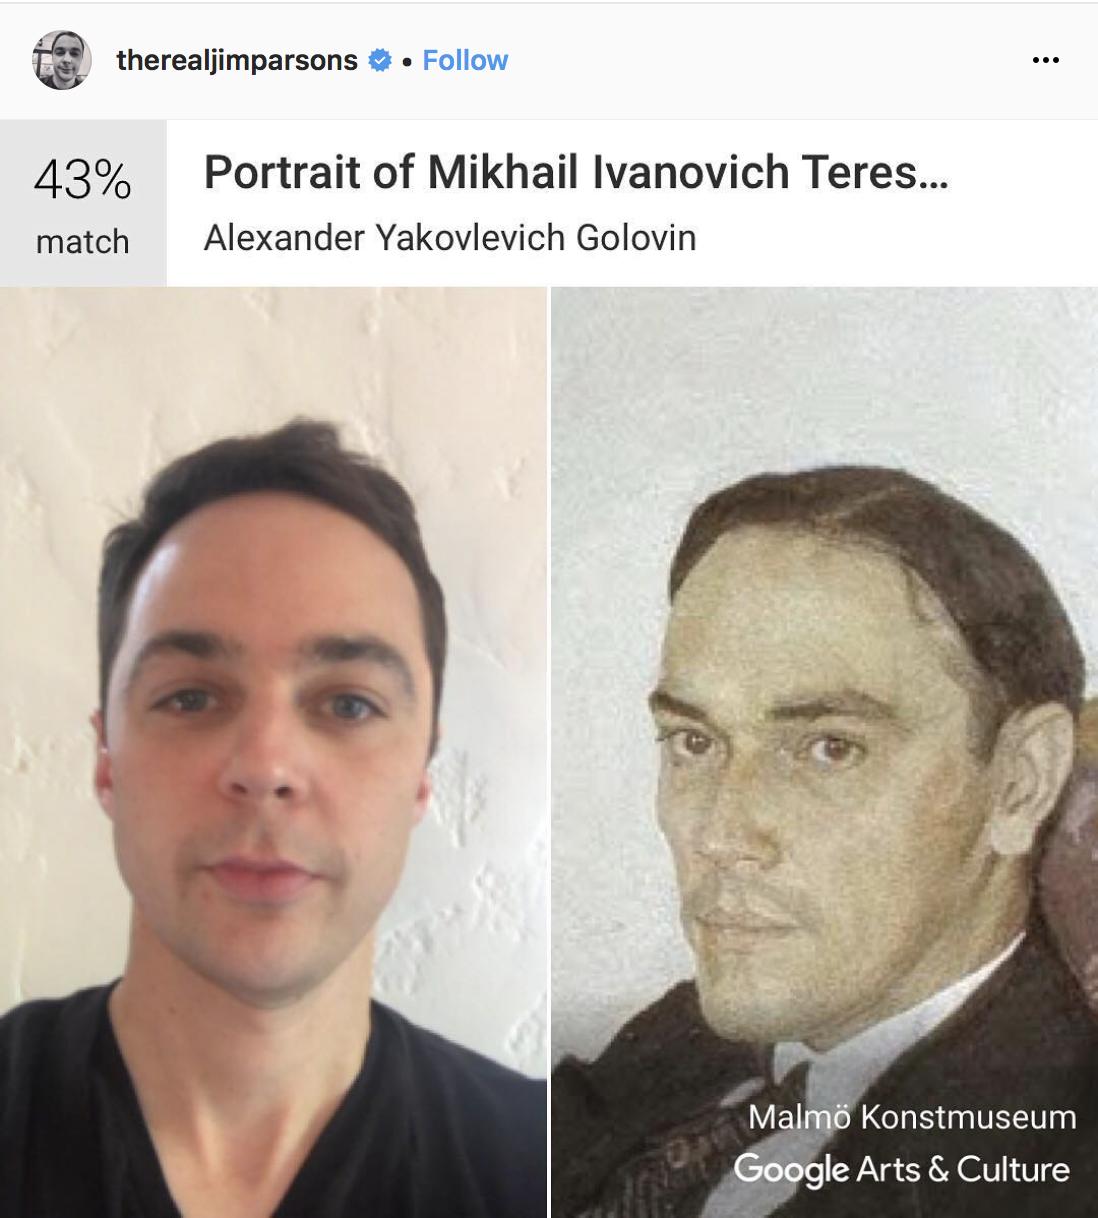 Джим Парсонс и «Портрет Михаила Ивановича Терещенко» работы художника Александра Головина.